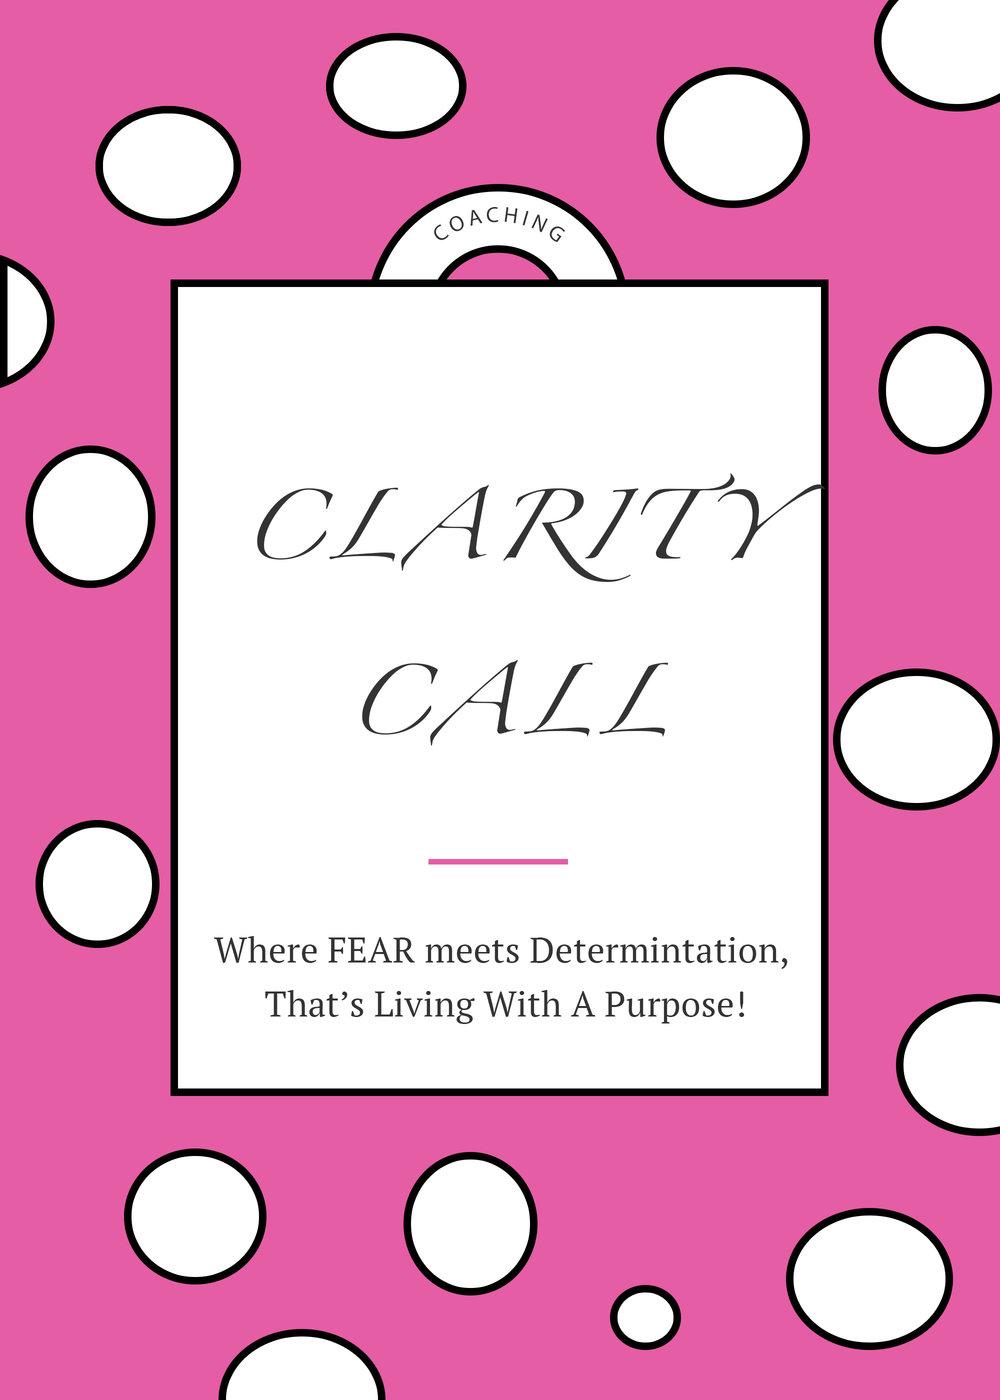 Clarity Call.jpg